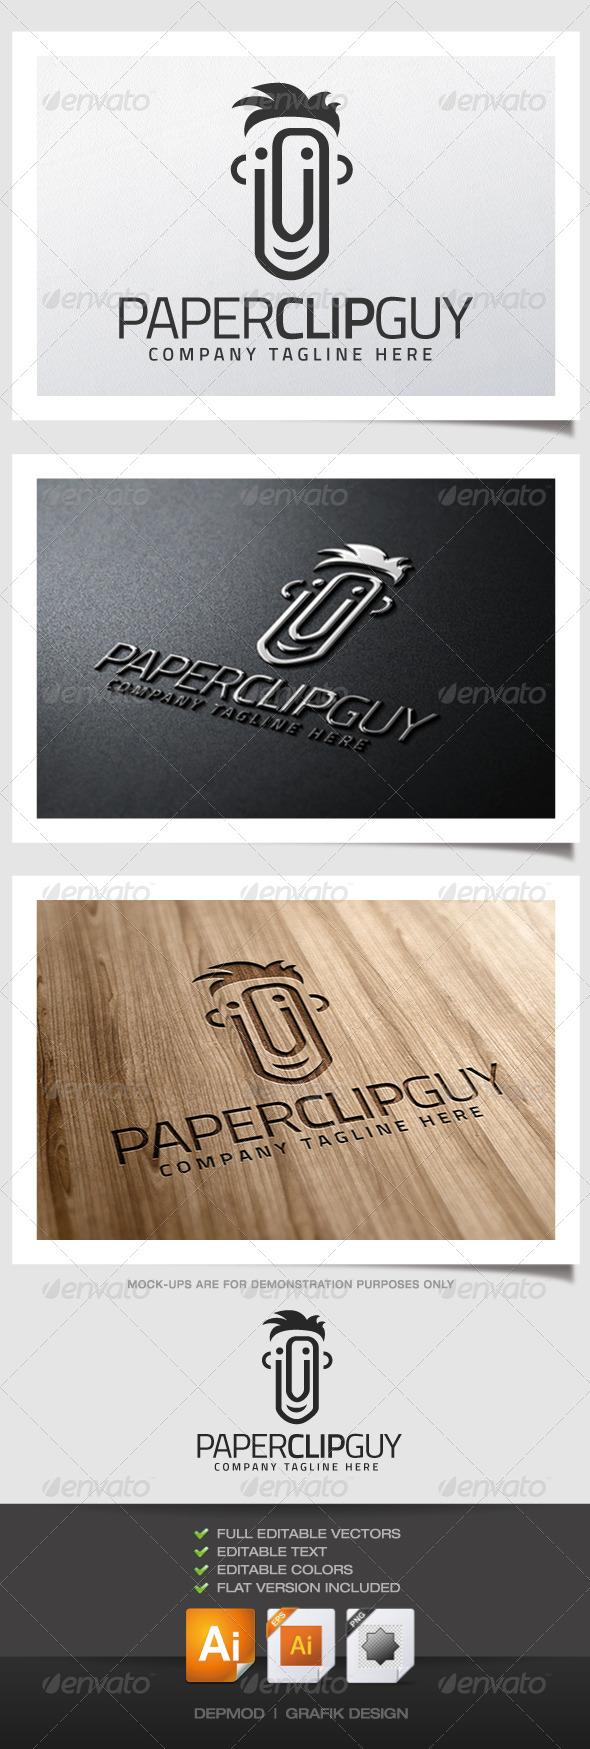 GraphicRiver Paper Clip Guy Logo 5195855